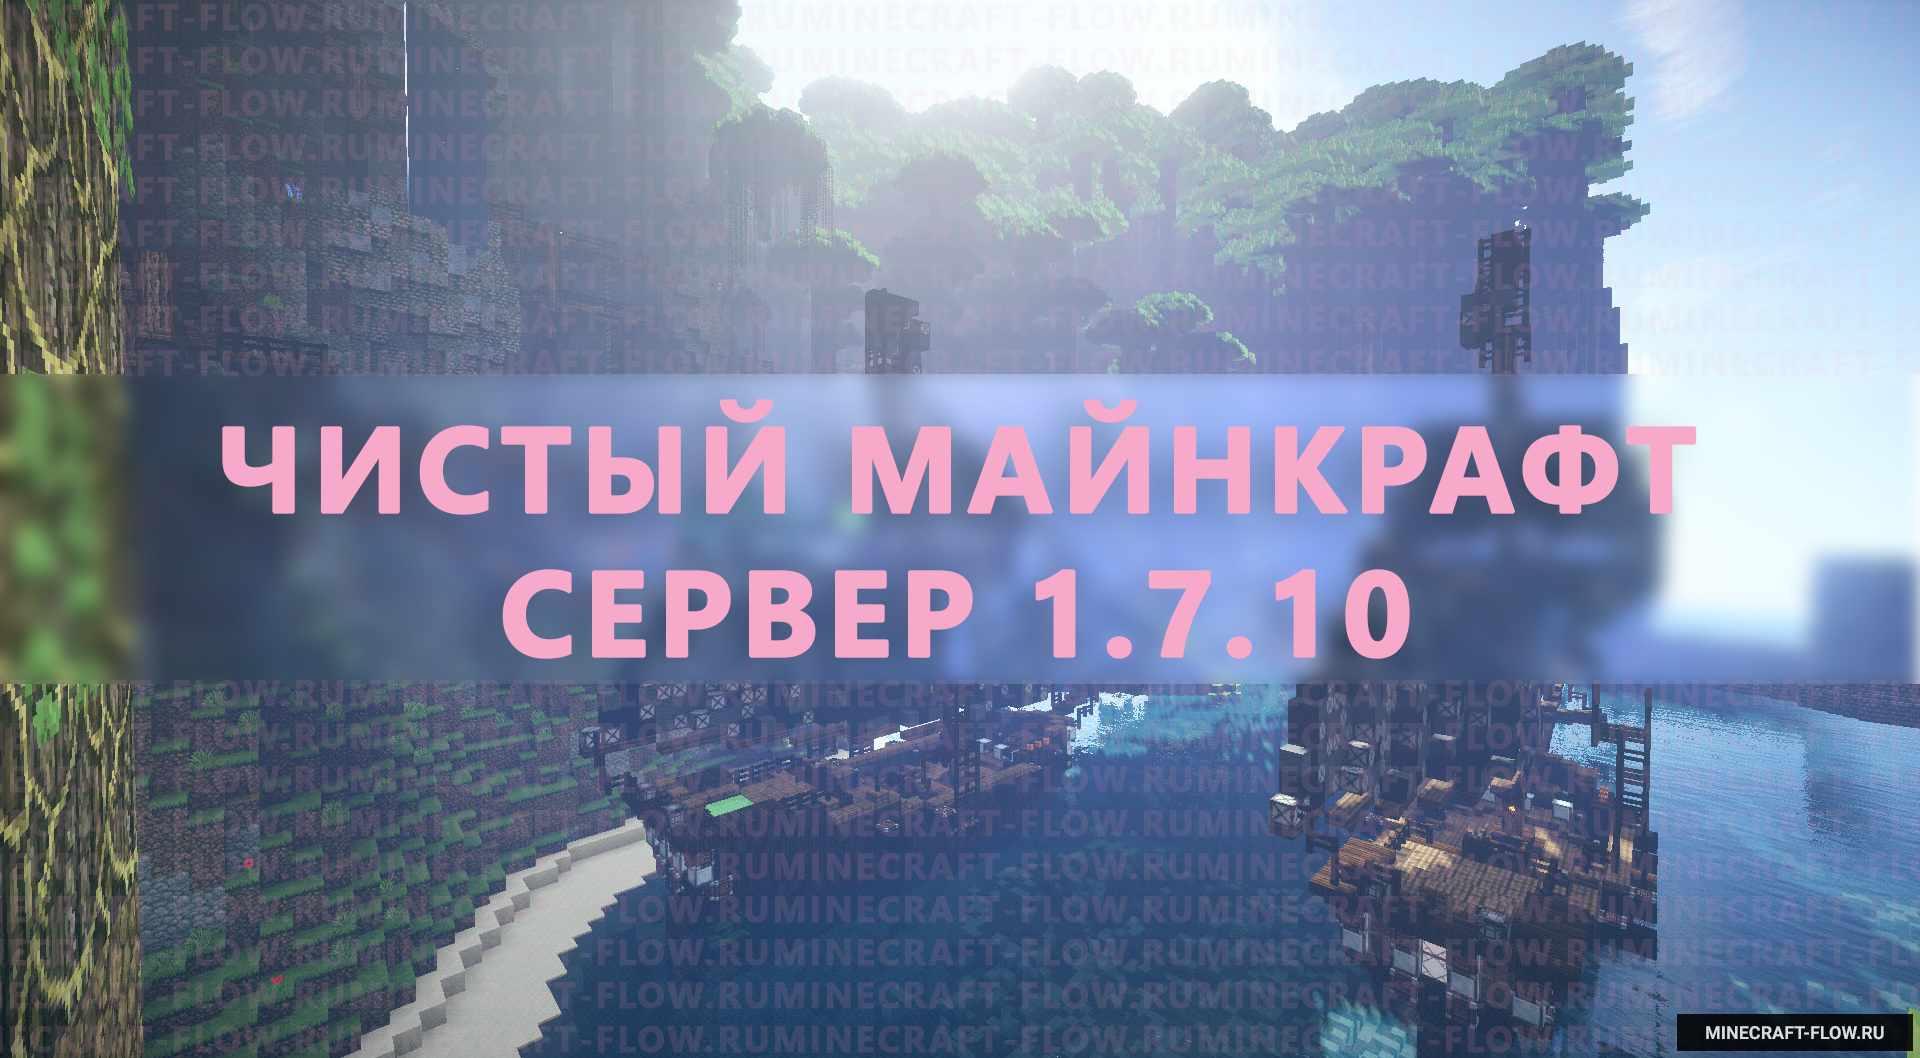 скачать чистый сервер майнкрафт 1.7.2 с forge